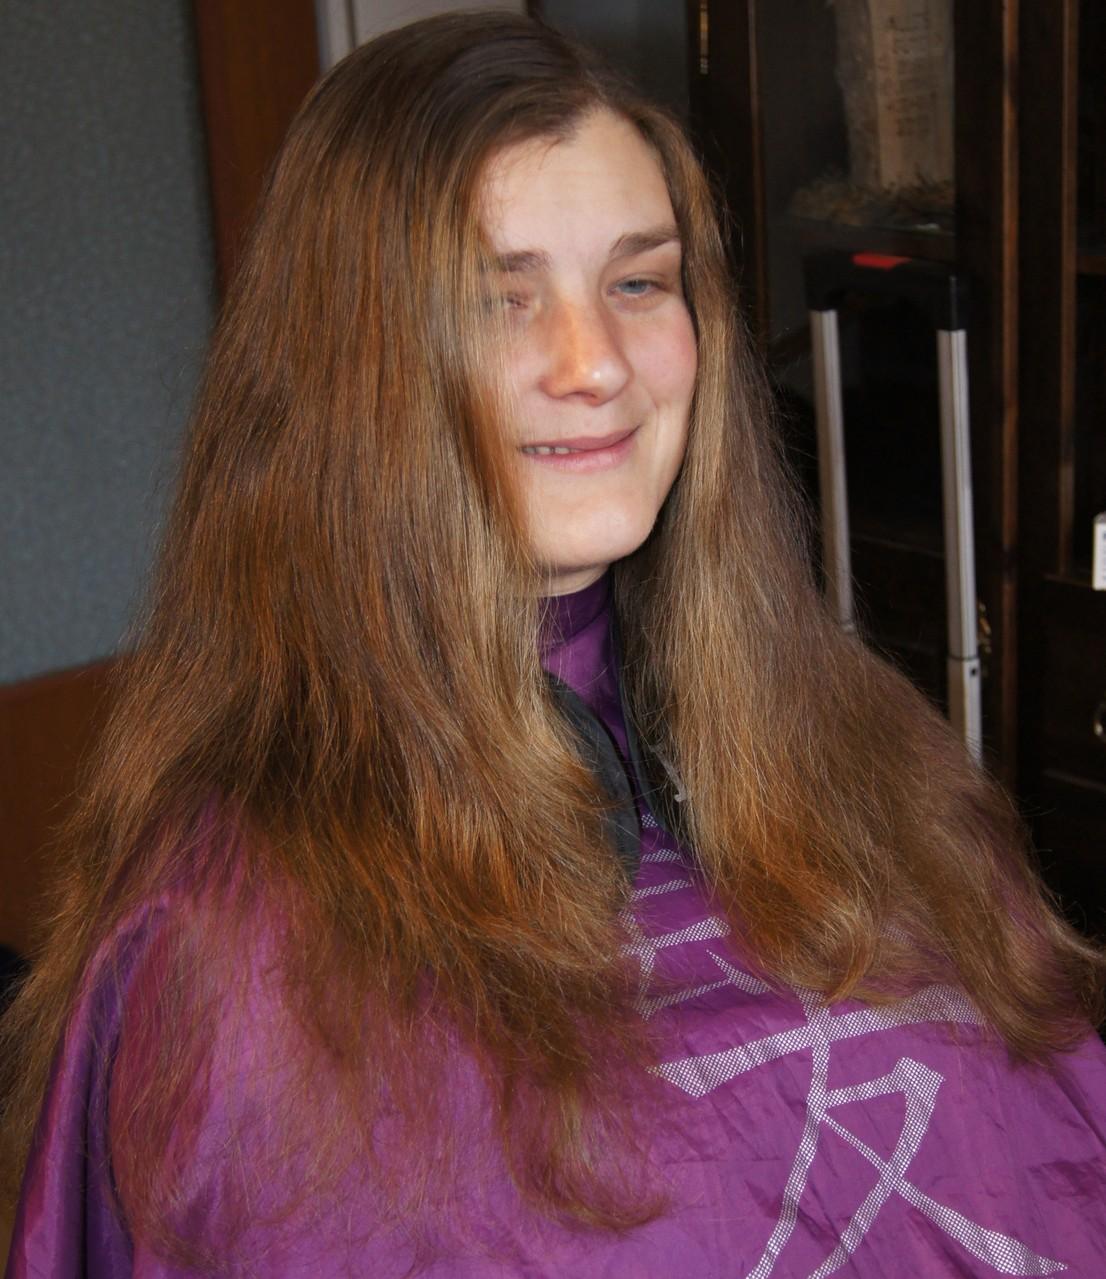 Katja , Anspruch: Fülle raus, alles zu viel und kürzer , aber noch Zopflänge